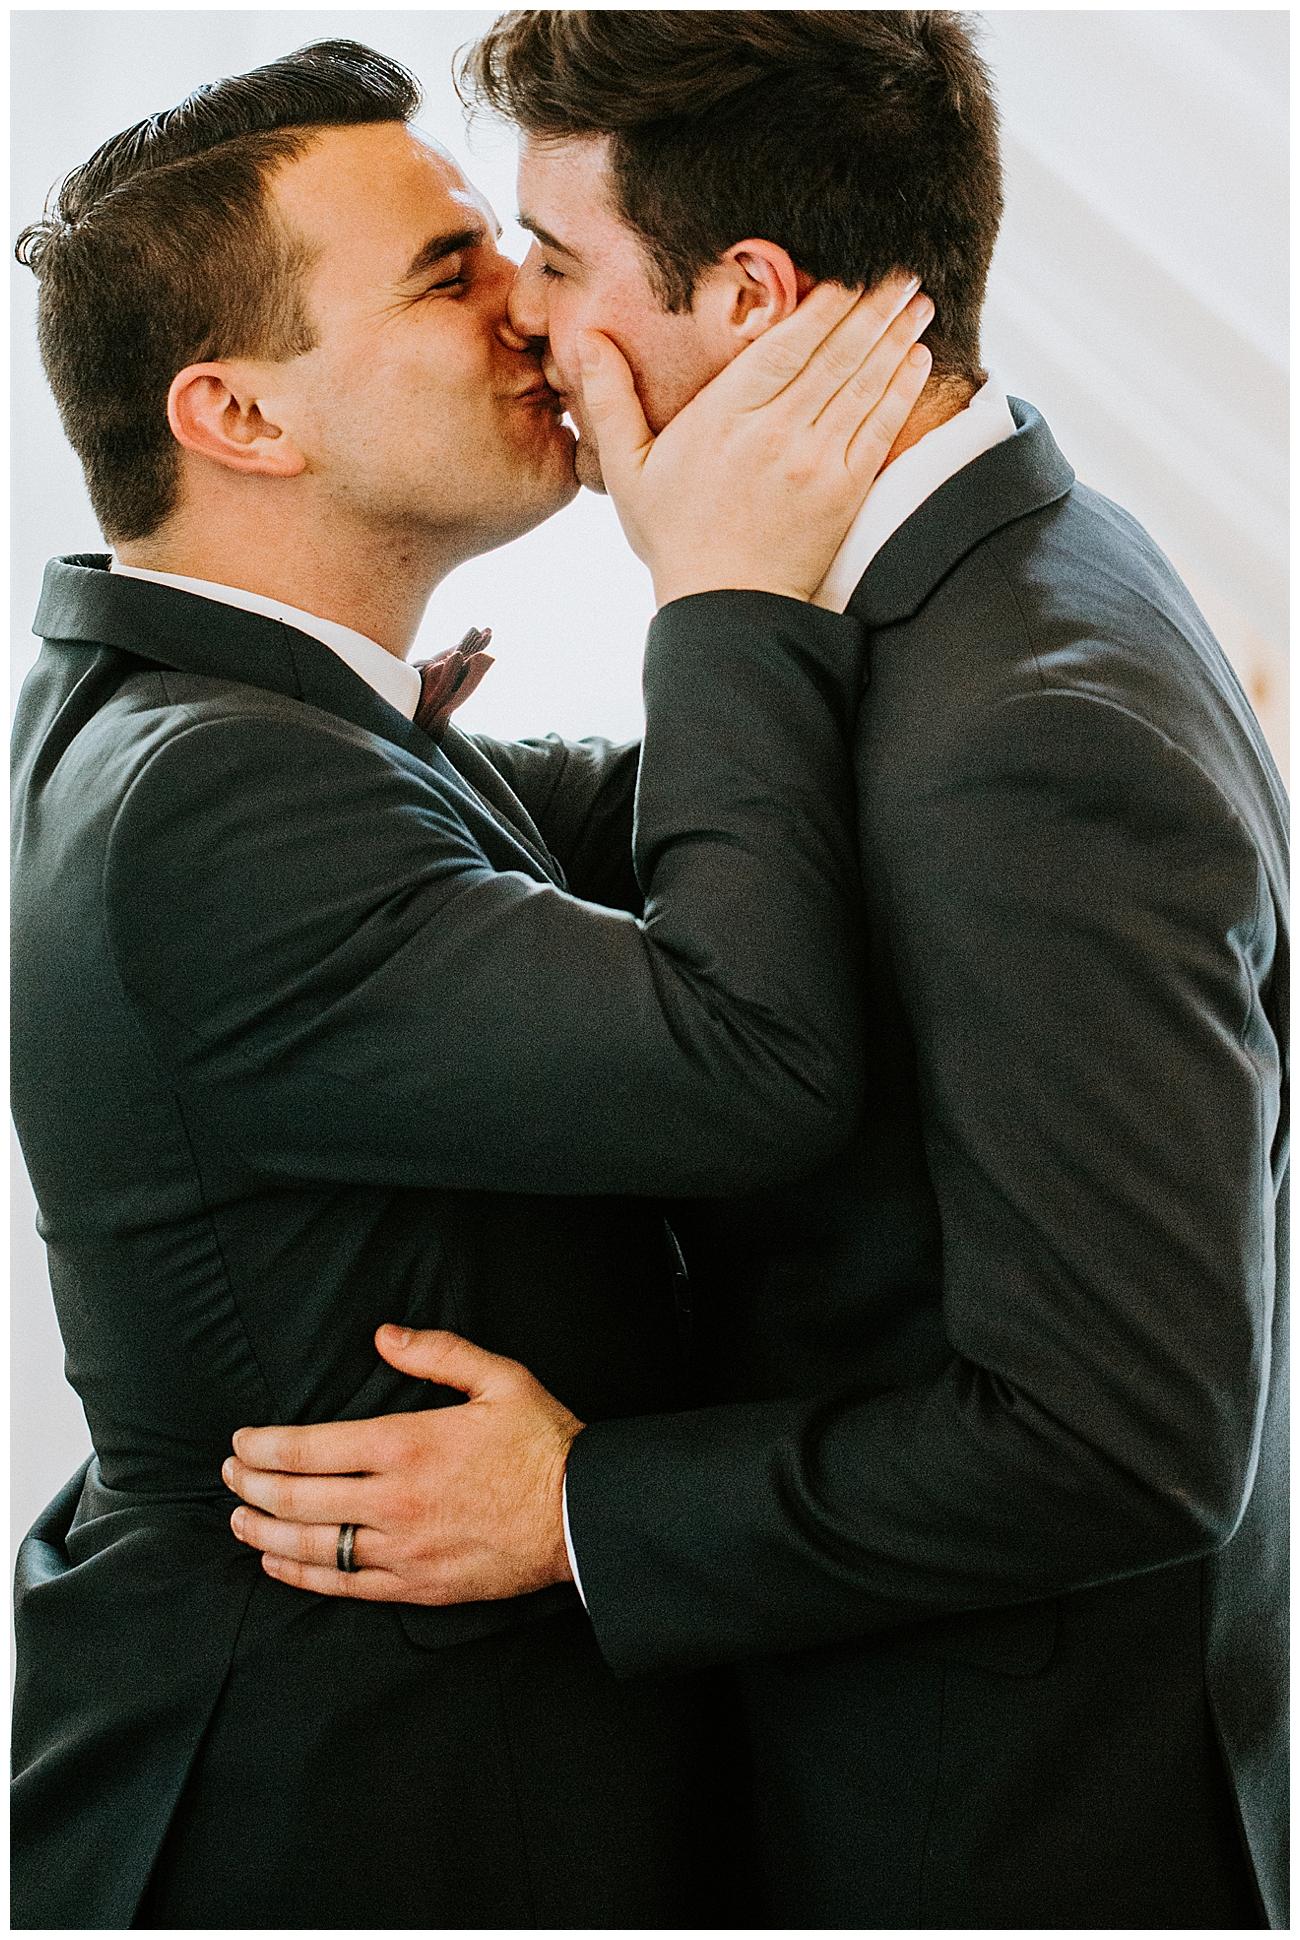 gay-wedding-kiss